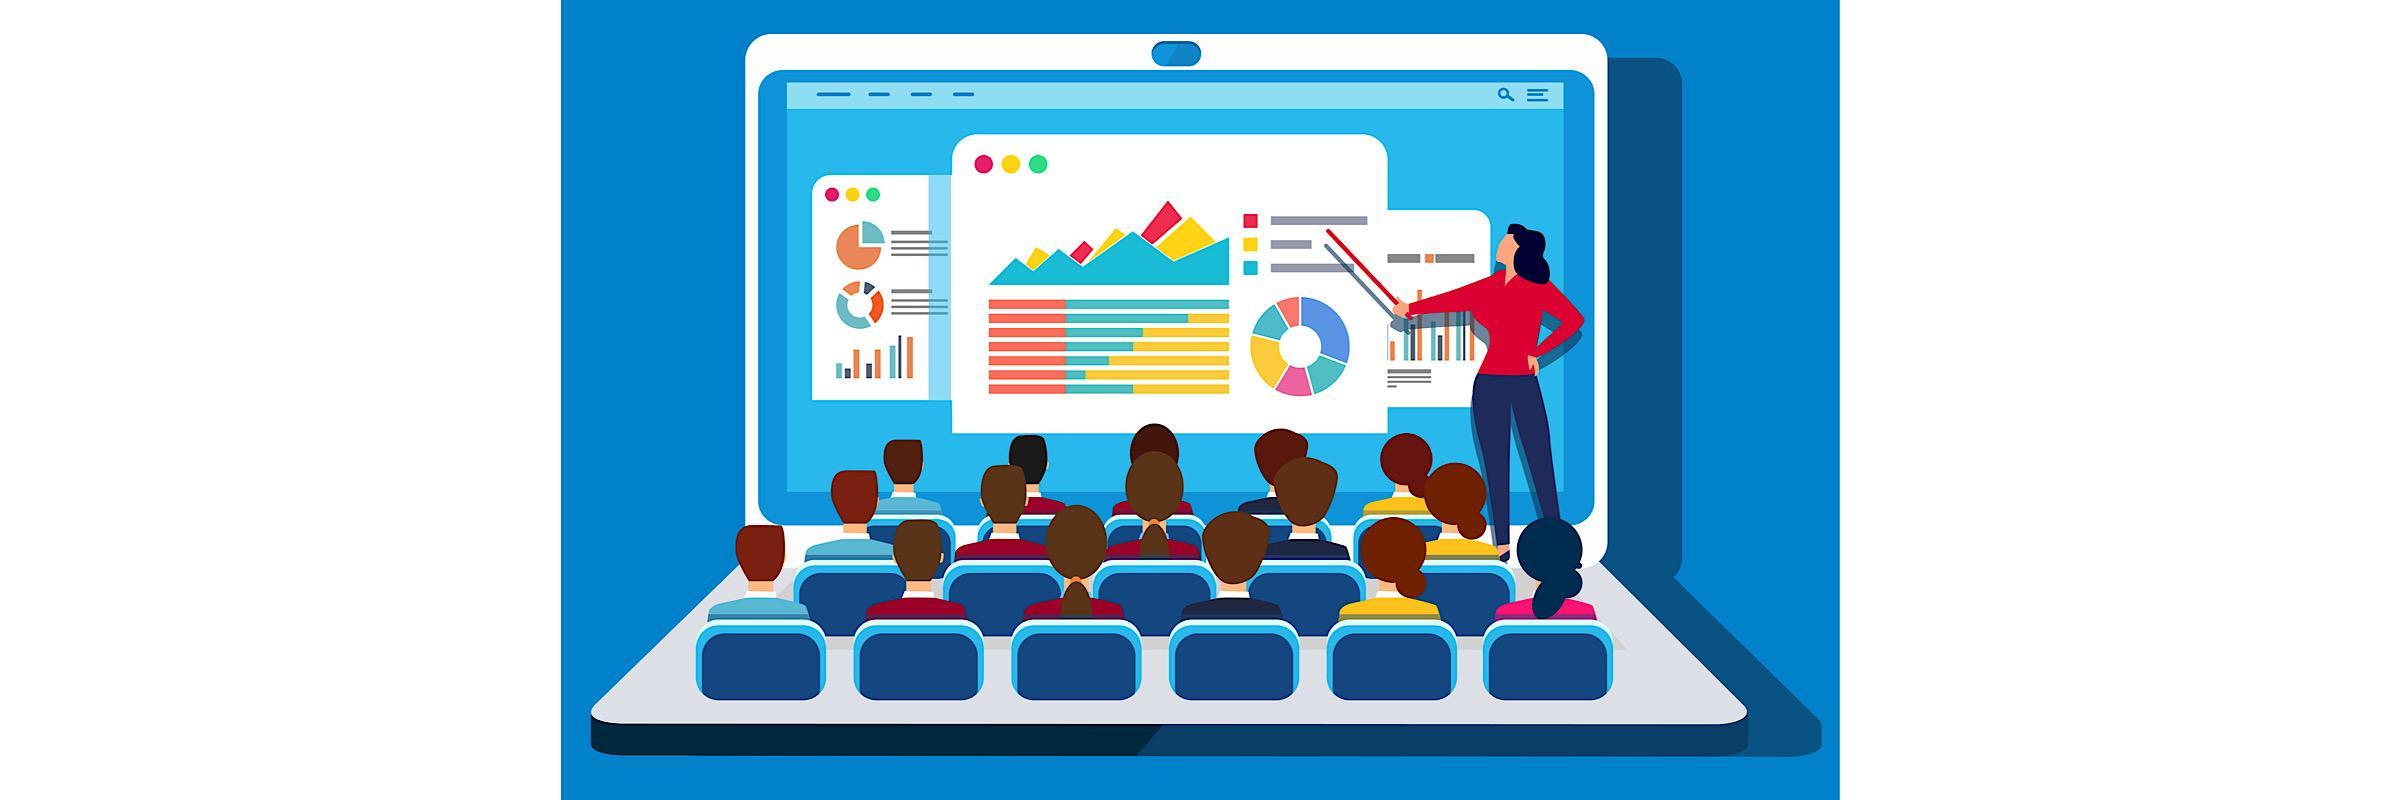 La formación digital se muestra como una herramienta indispensable a corto, medio y largo plazoL